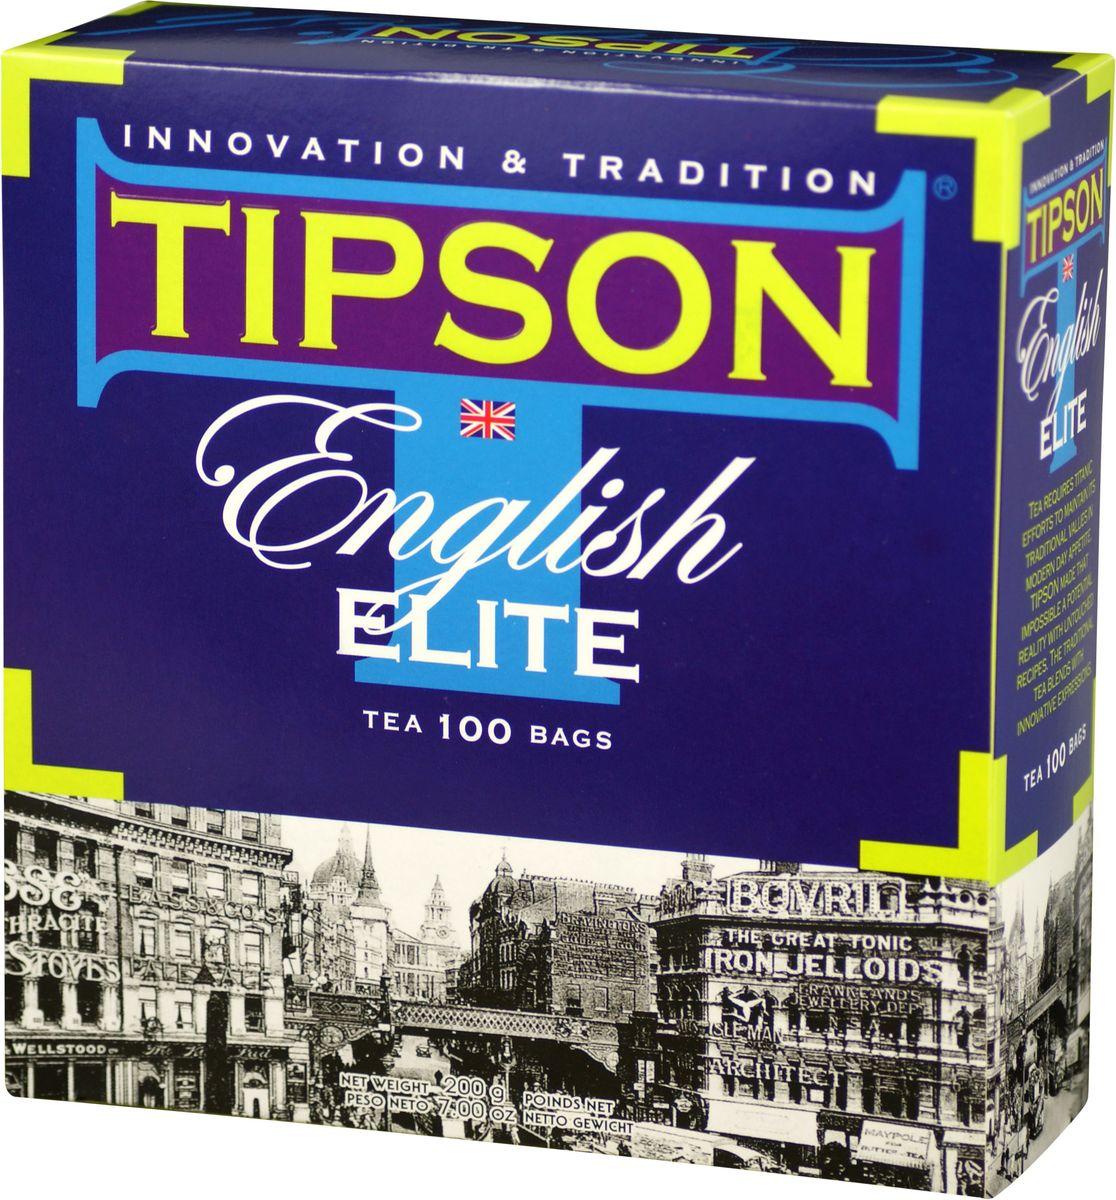 Tipson English Elite черный чай в пакетиках, 100 шт80012-00Чай чёрный цейлонский байховый мелколистовой Tipson English Elite с ароматом бергамота в пакетиках с ярлычками для разовой заварки. Этот элитный чай с лёгким оттенком бергамота создан в лучших английских традициях. Он способствует отдыху, пробуждает вдохновение и дарит моменты наслаждения.